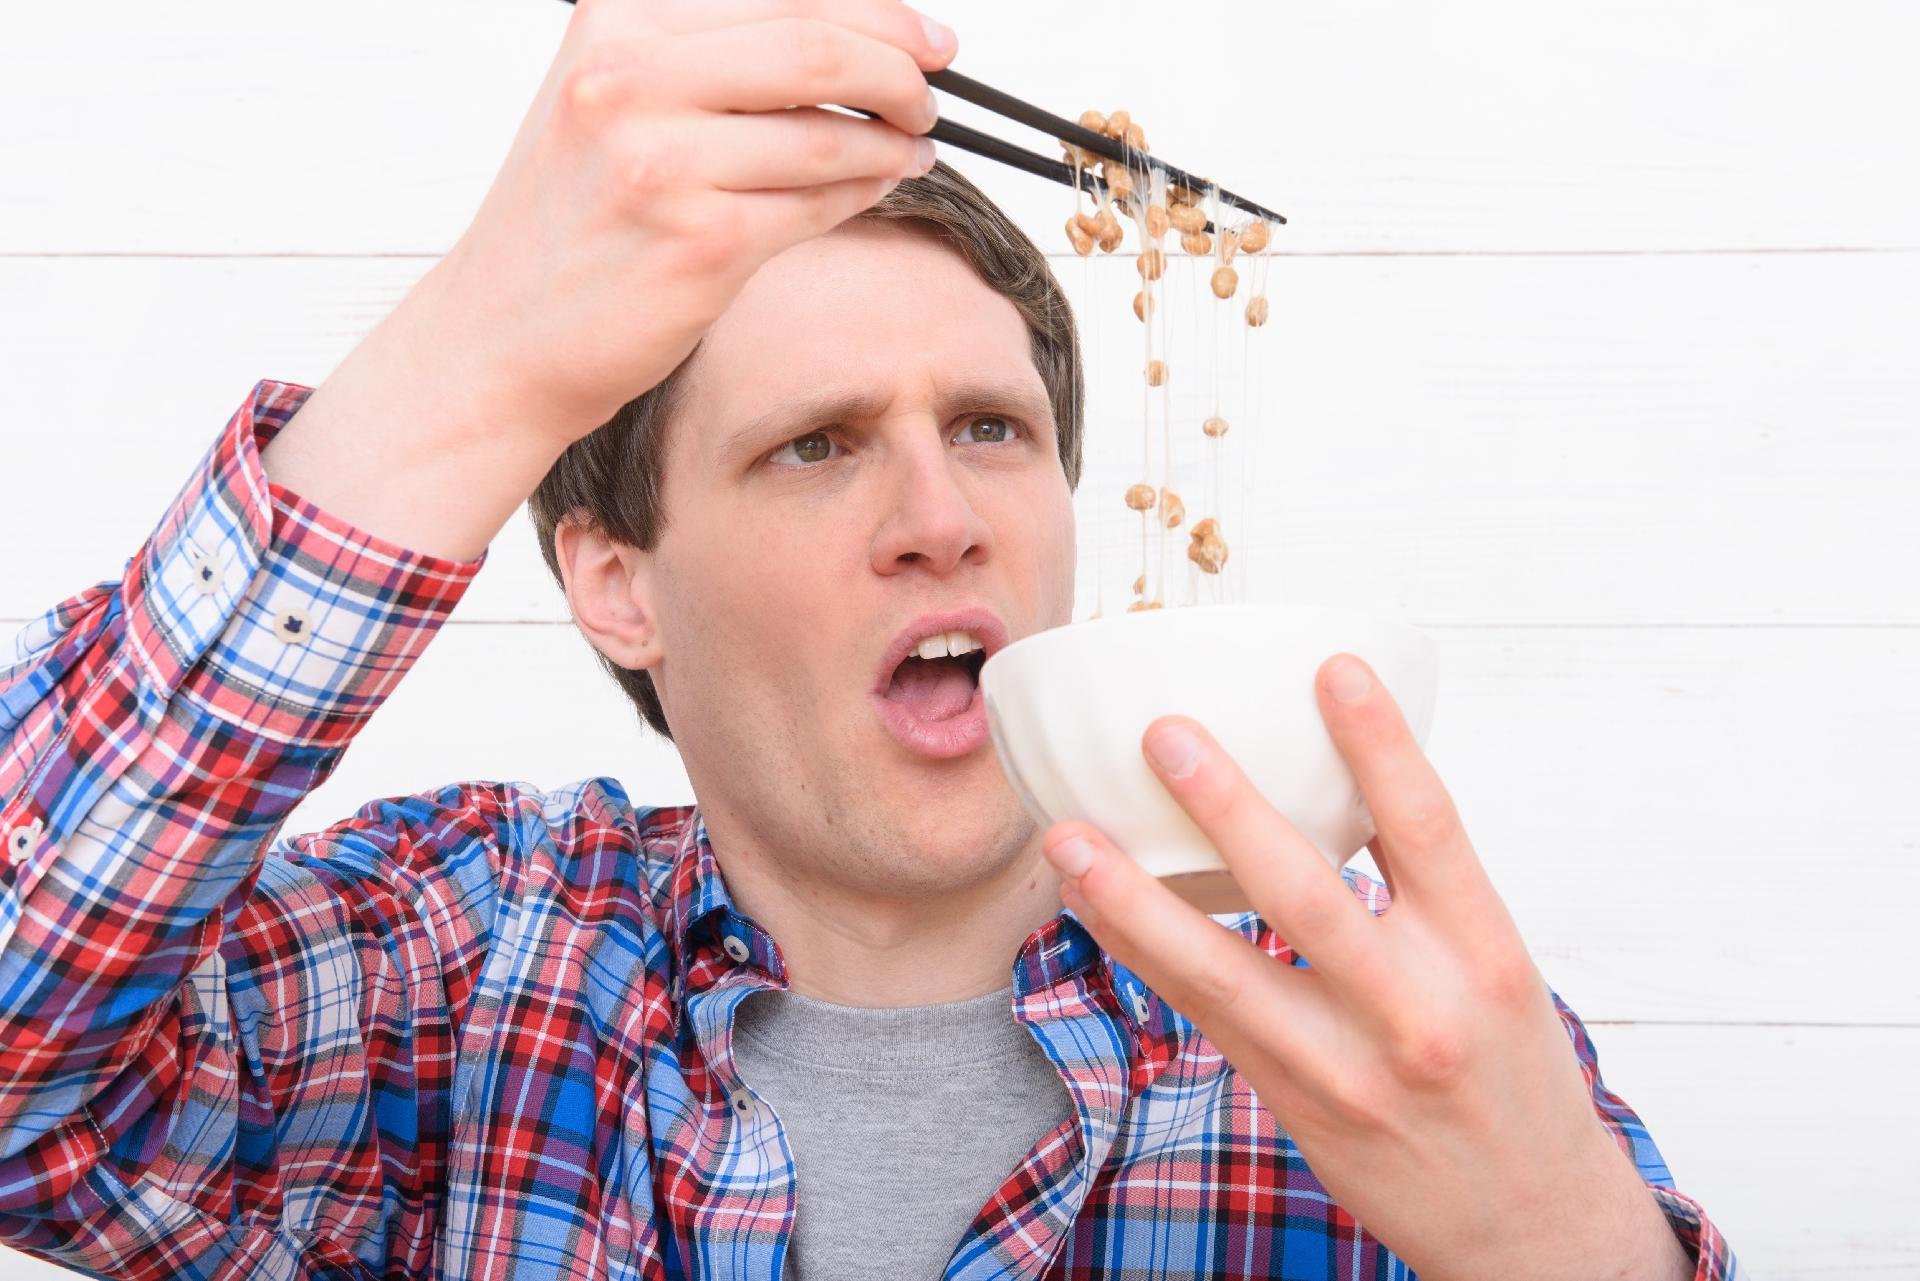 納豆とヨーグルトの食べ合わせがダイエットに効果的!?